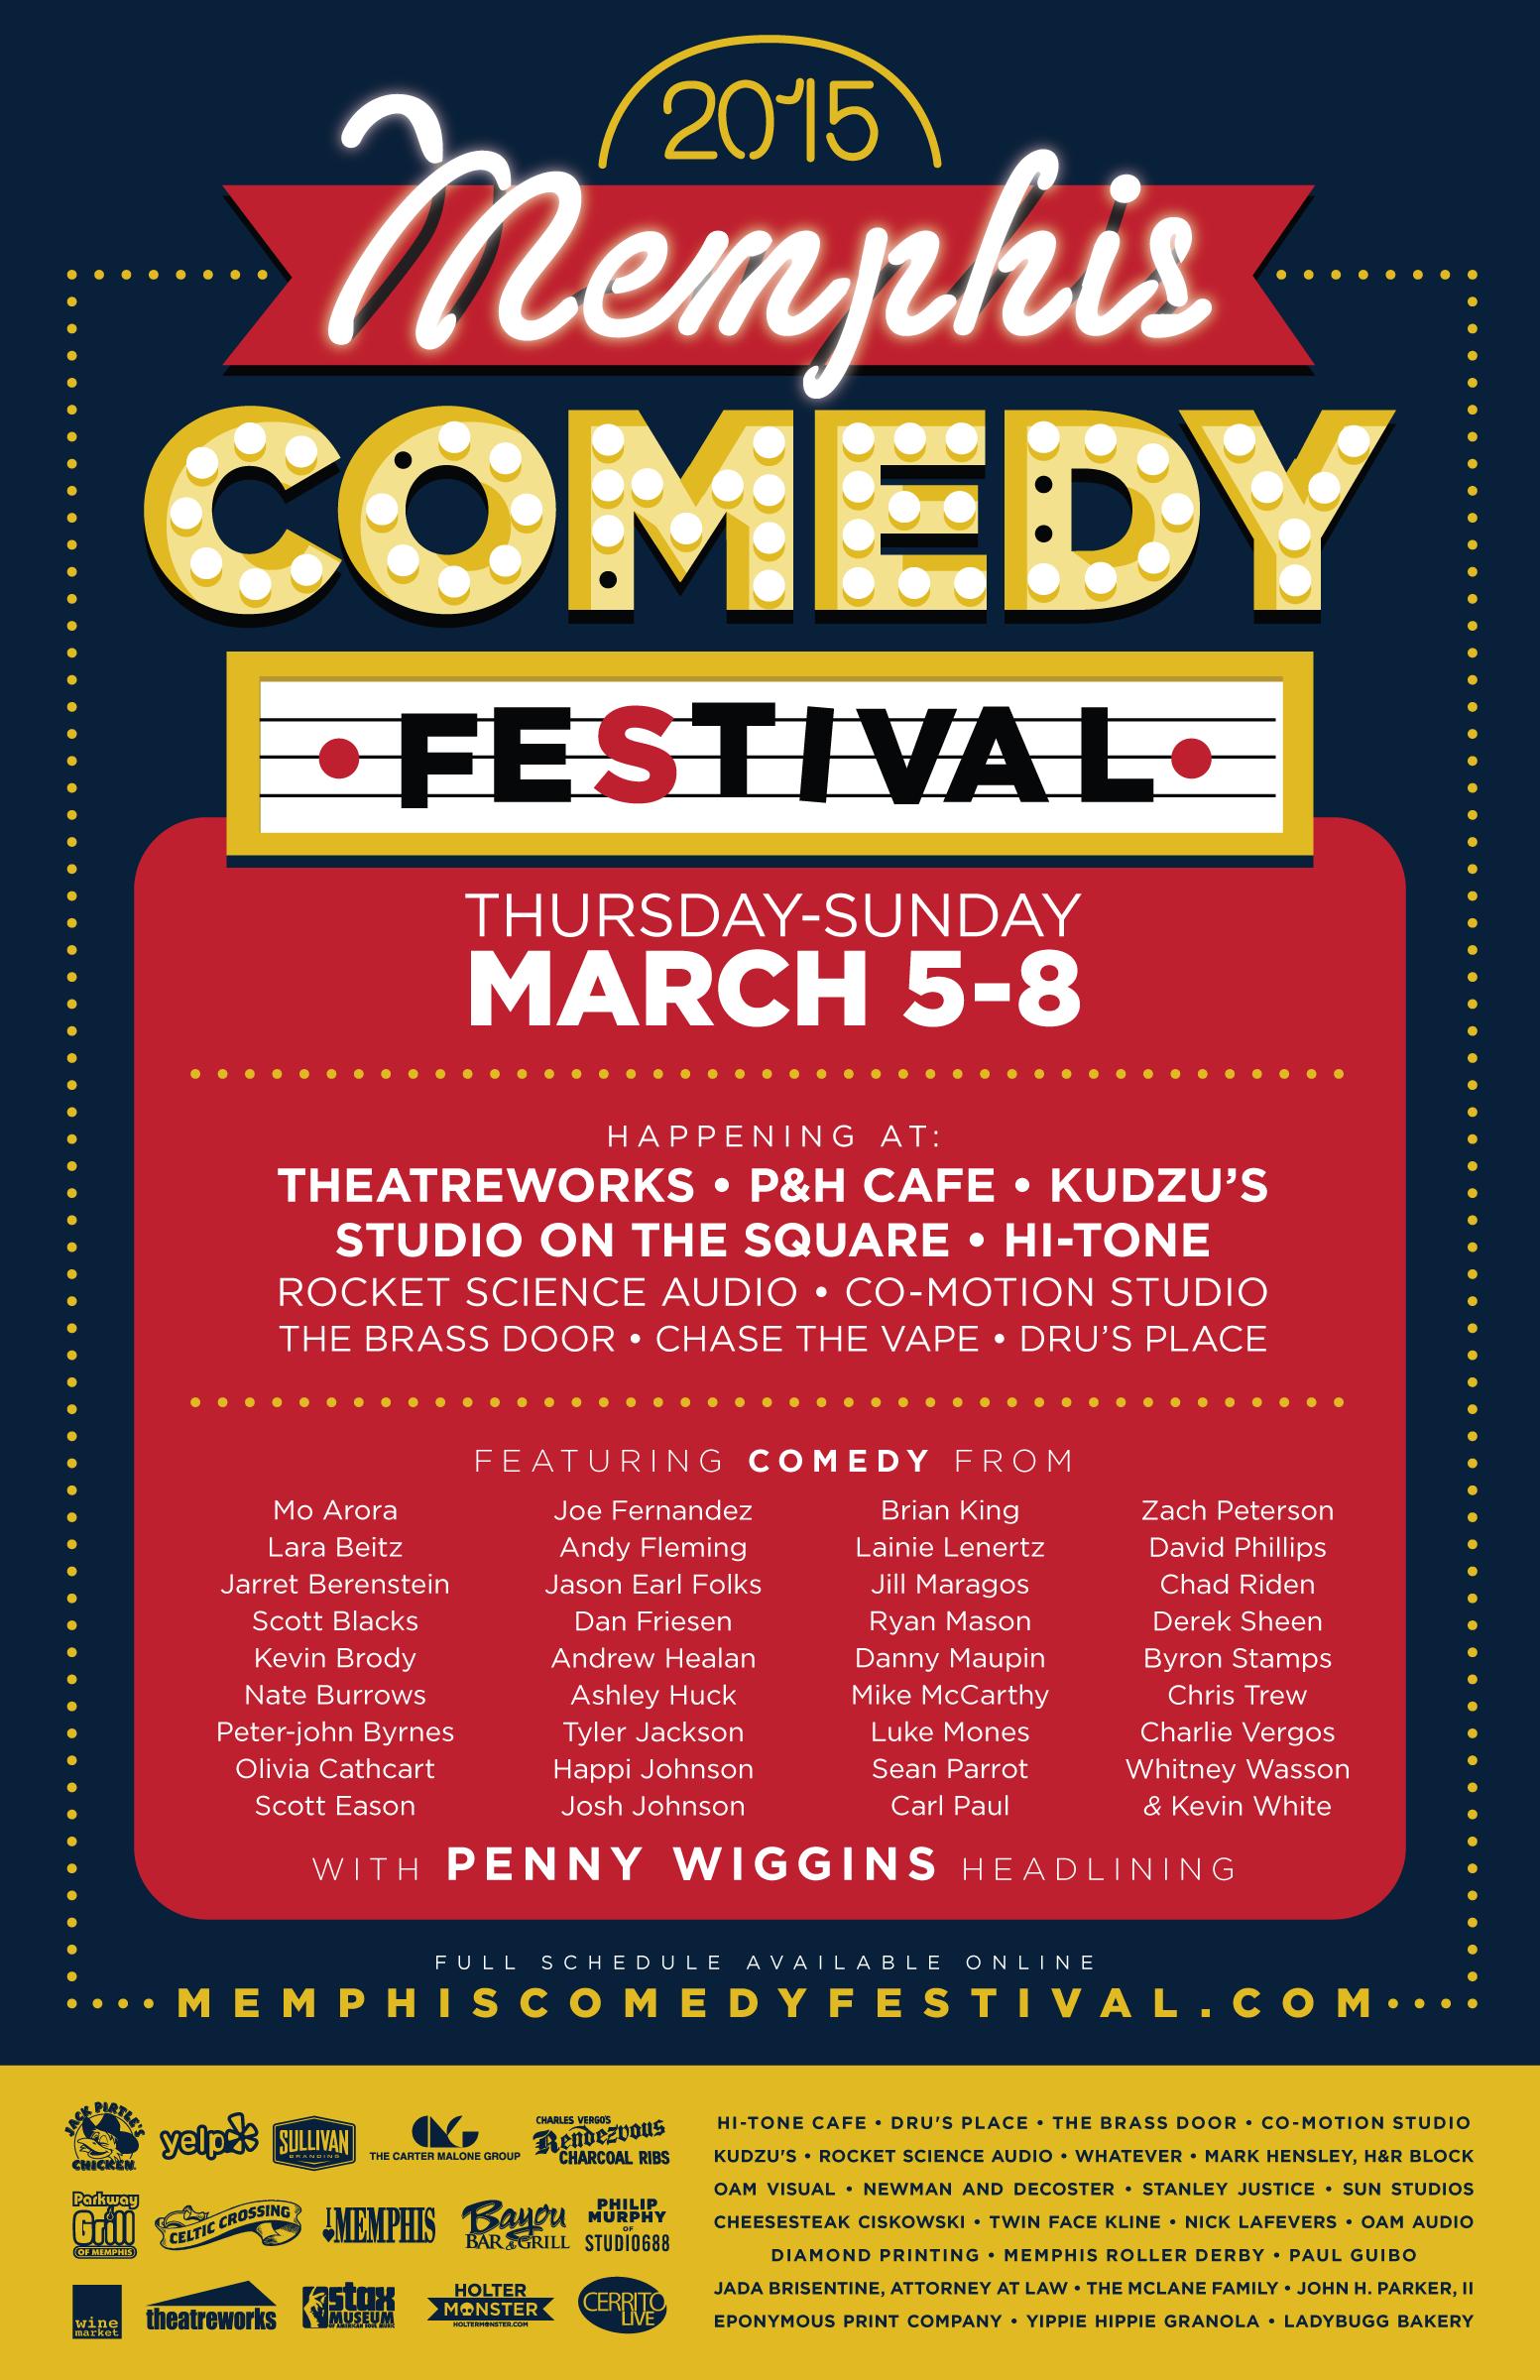 memphis_comedy_fest_2015_poster-web.png